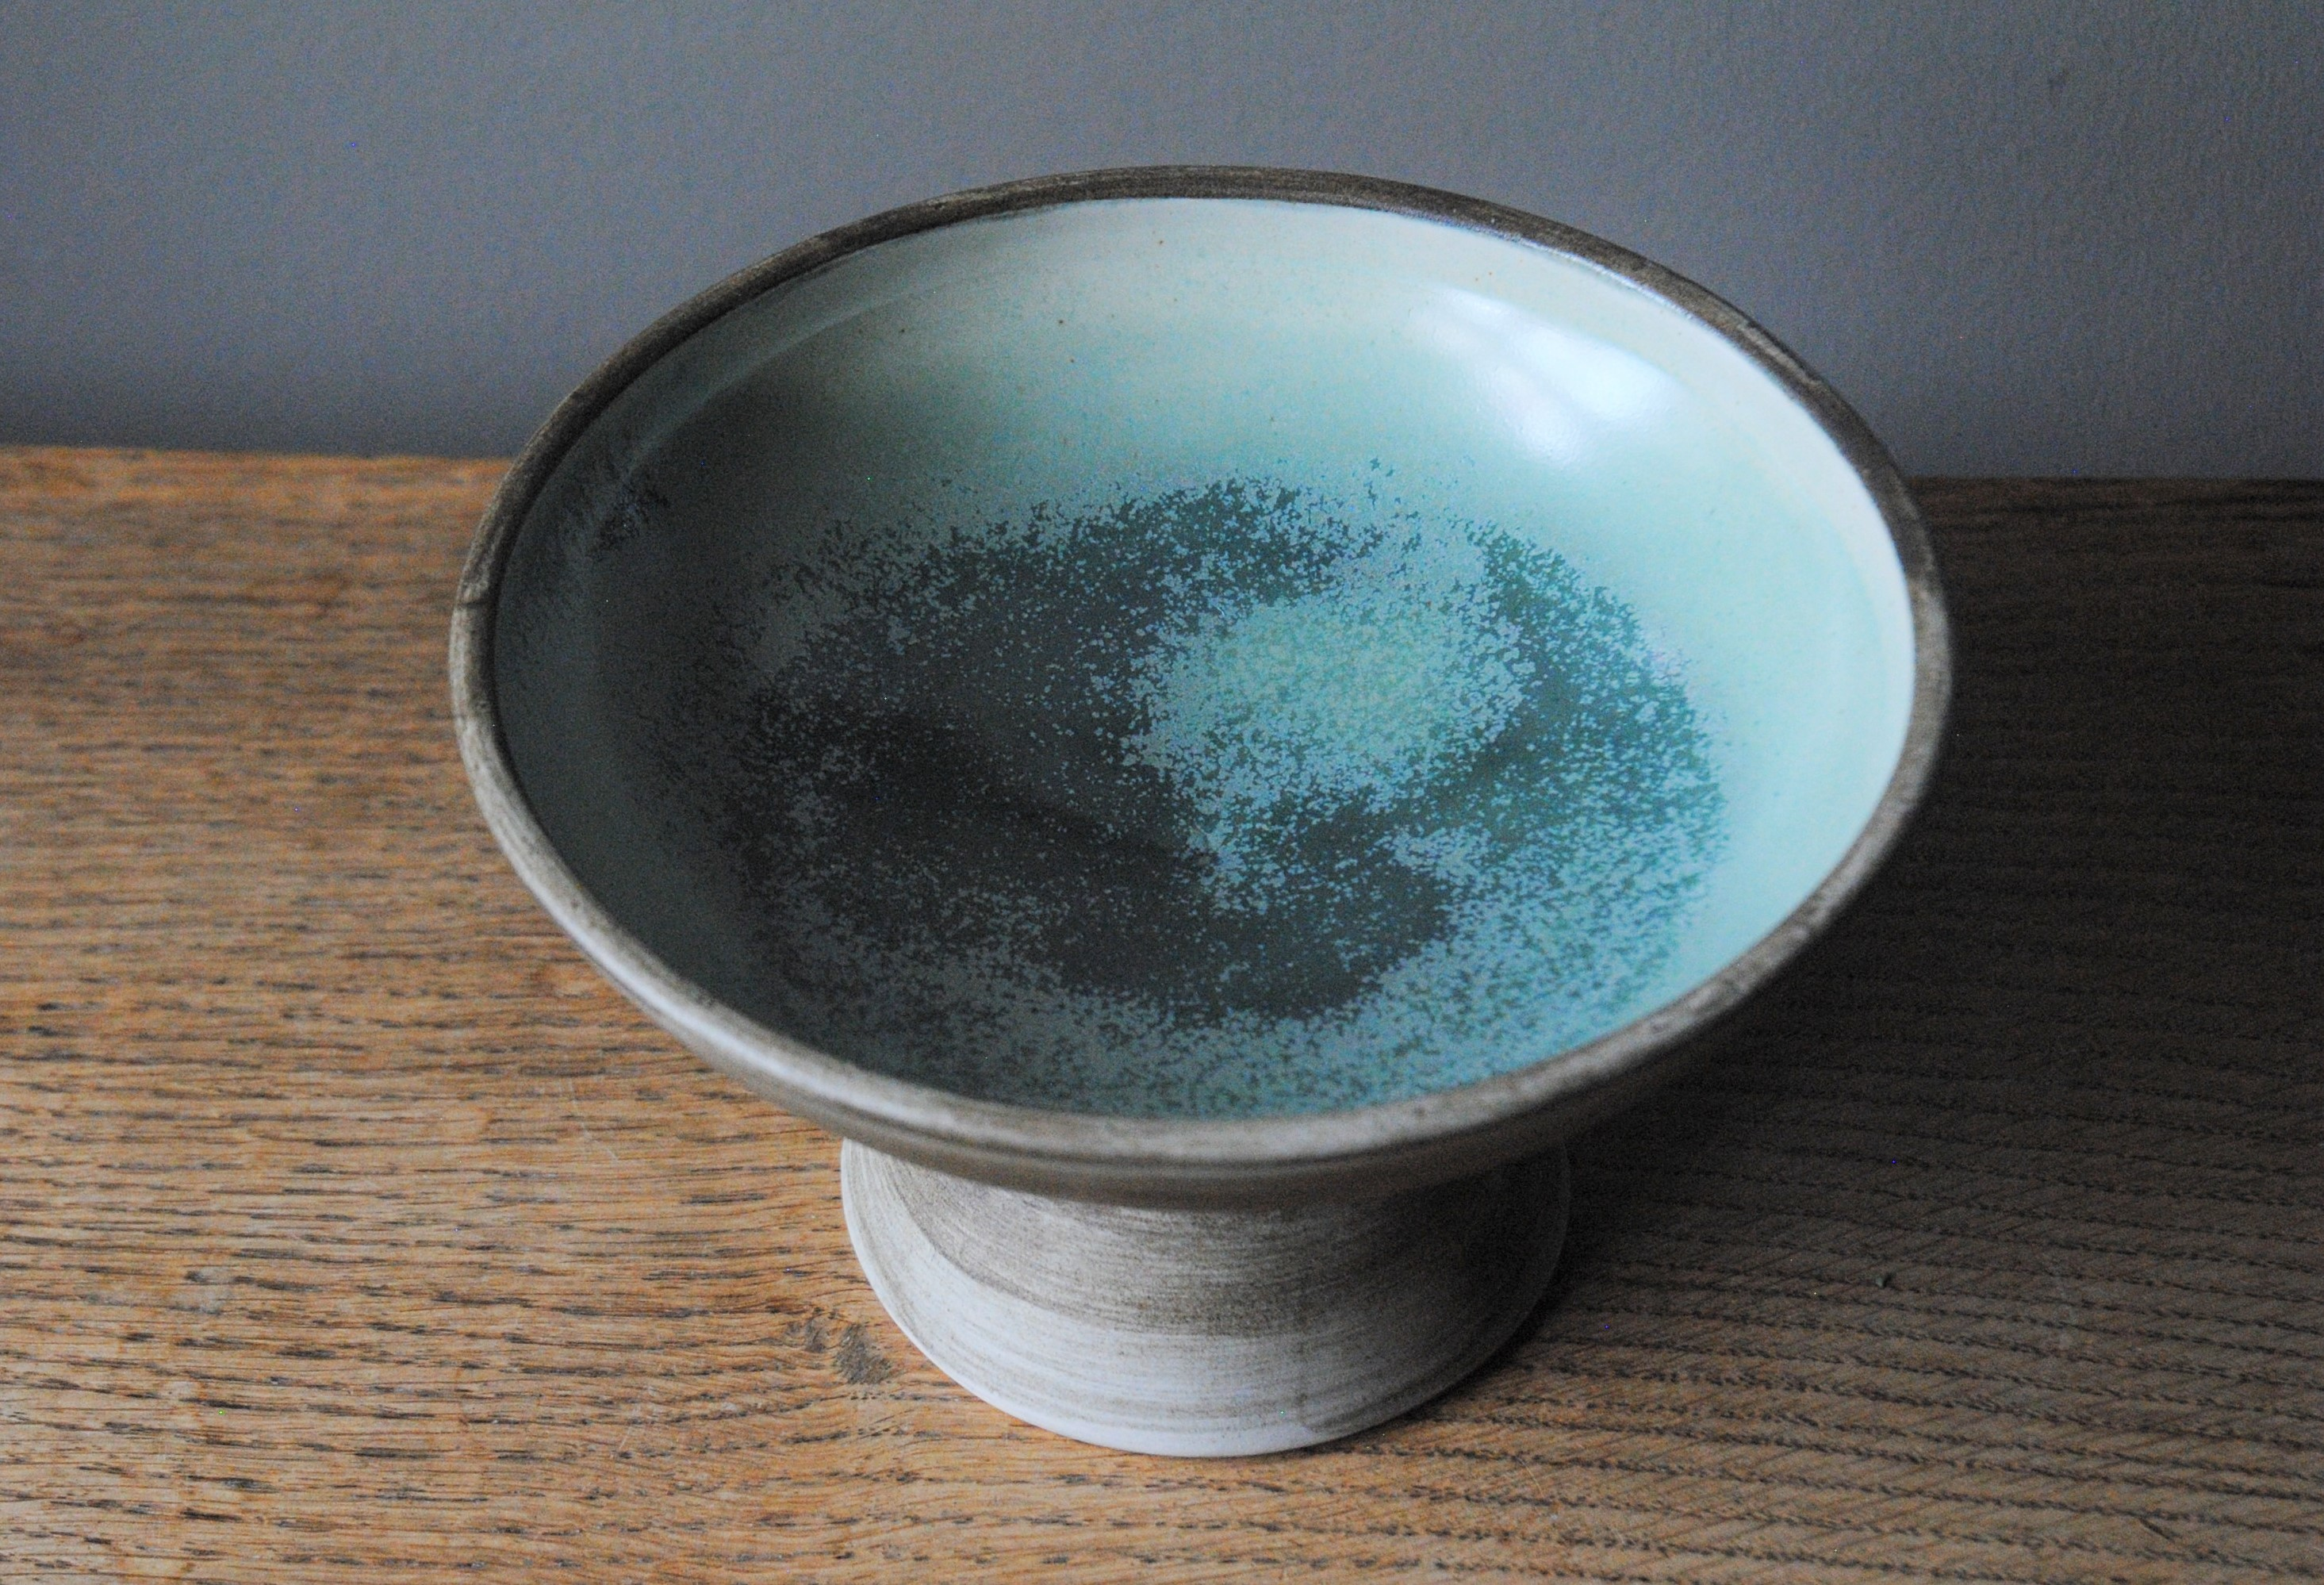 Pedestal bowl 1 - inside